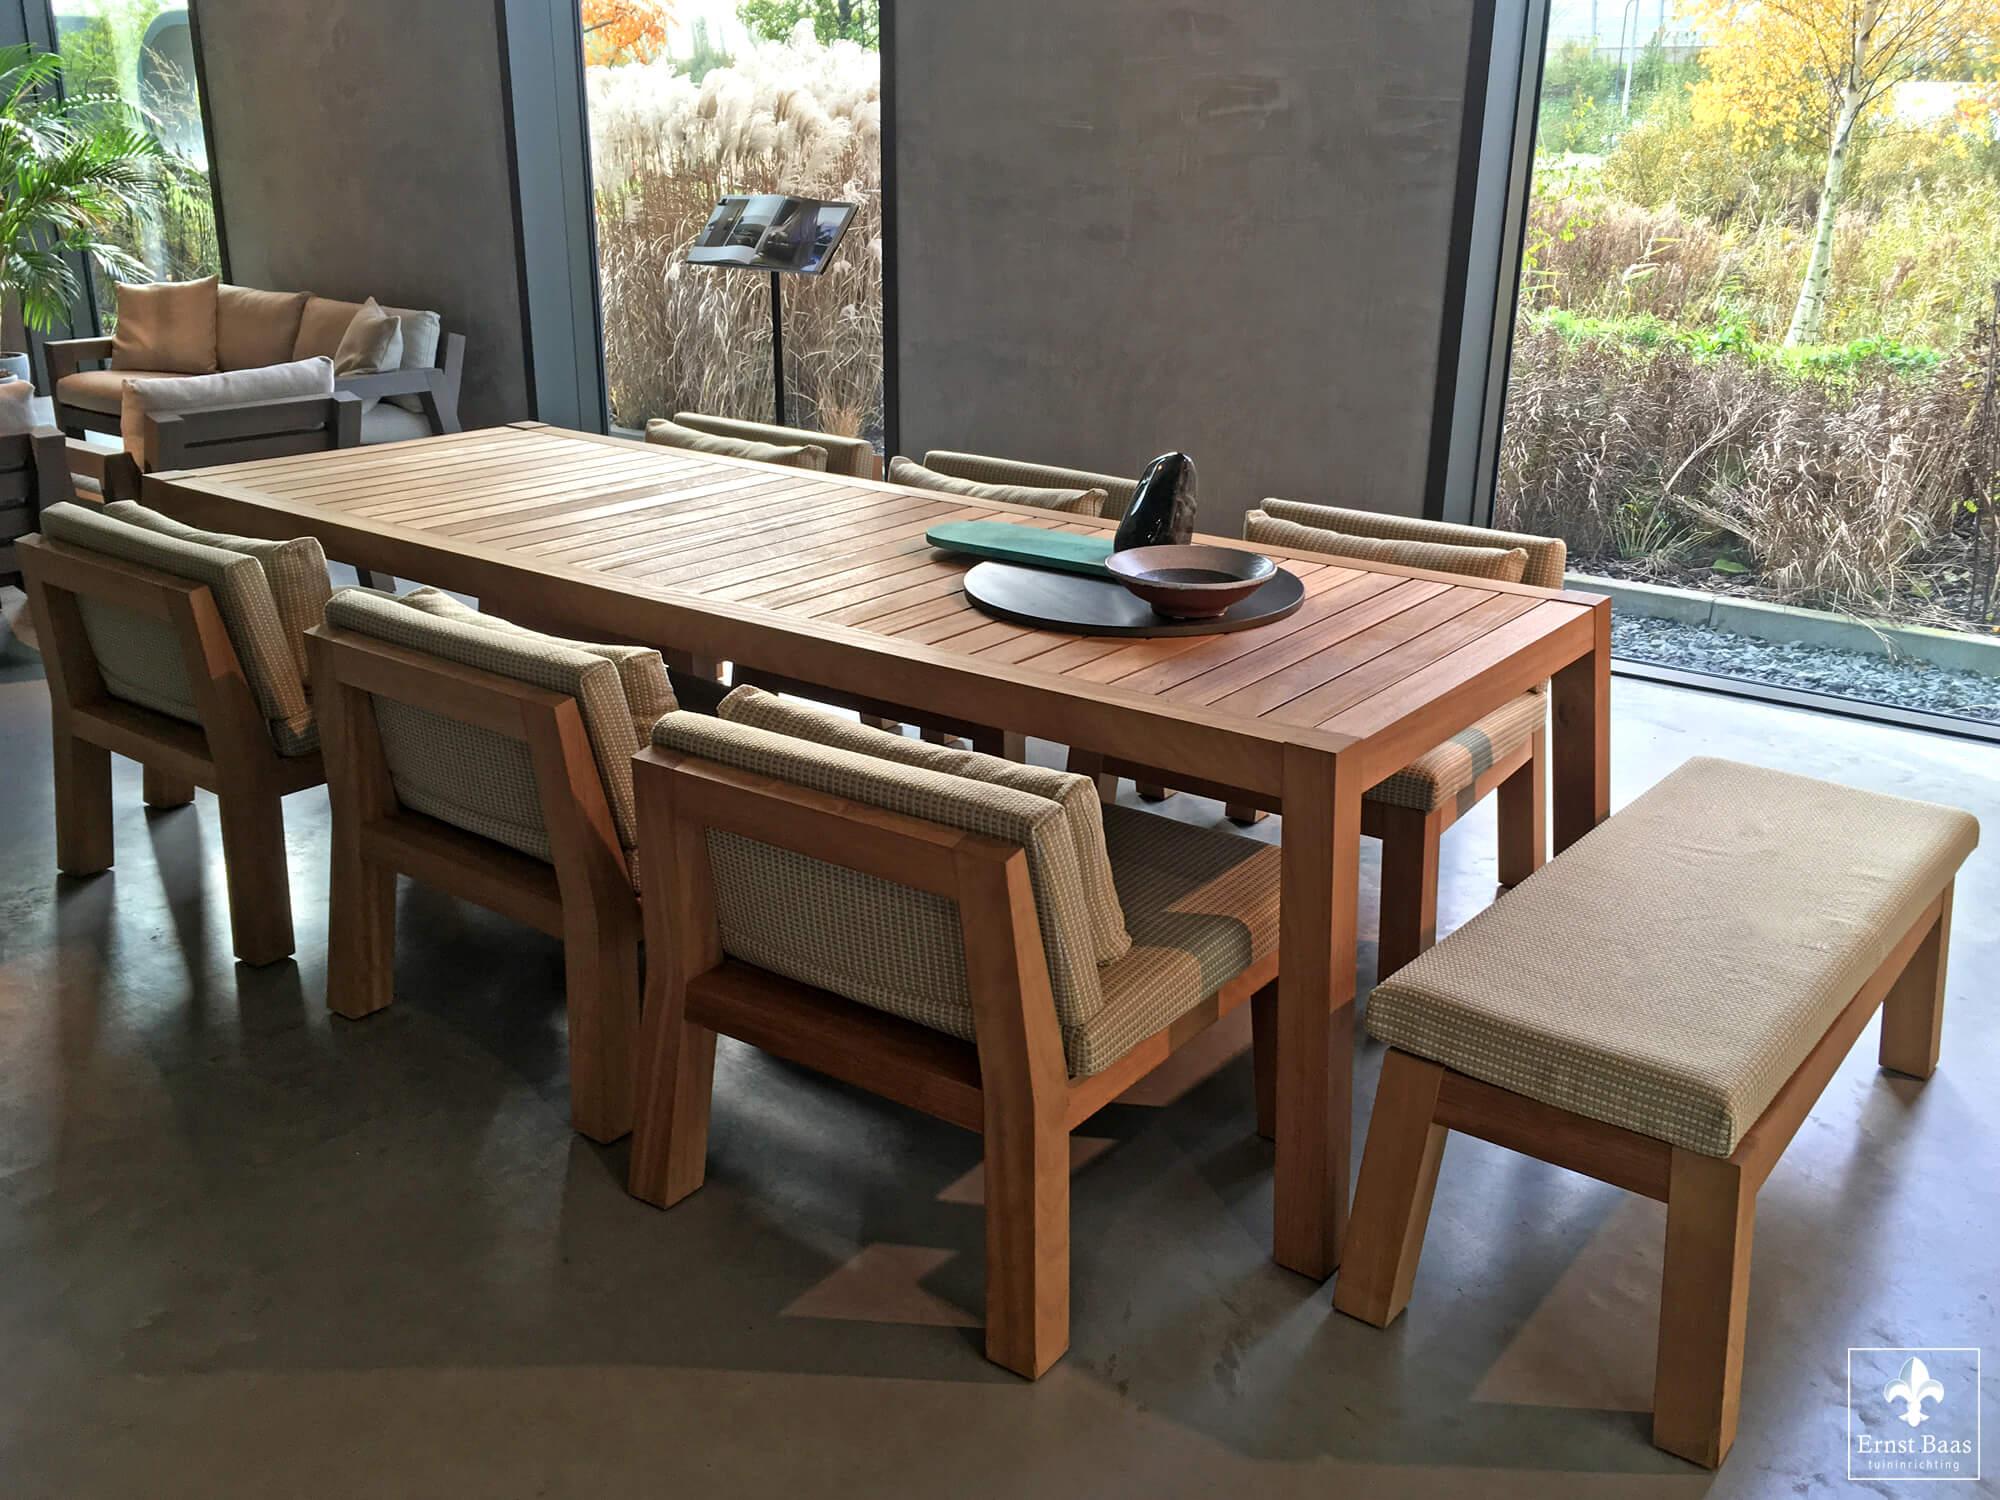 Tafel Anne Piet Boon.Studio Piet Boon Bezoek Ernst Baas Tuininrichting Design